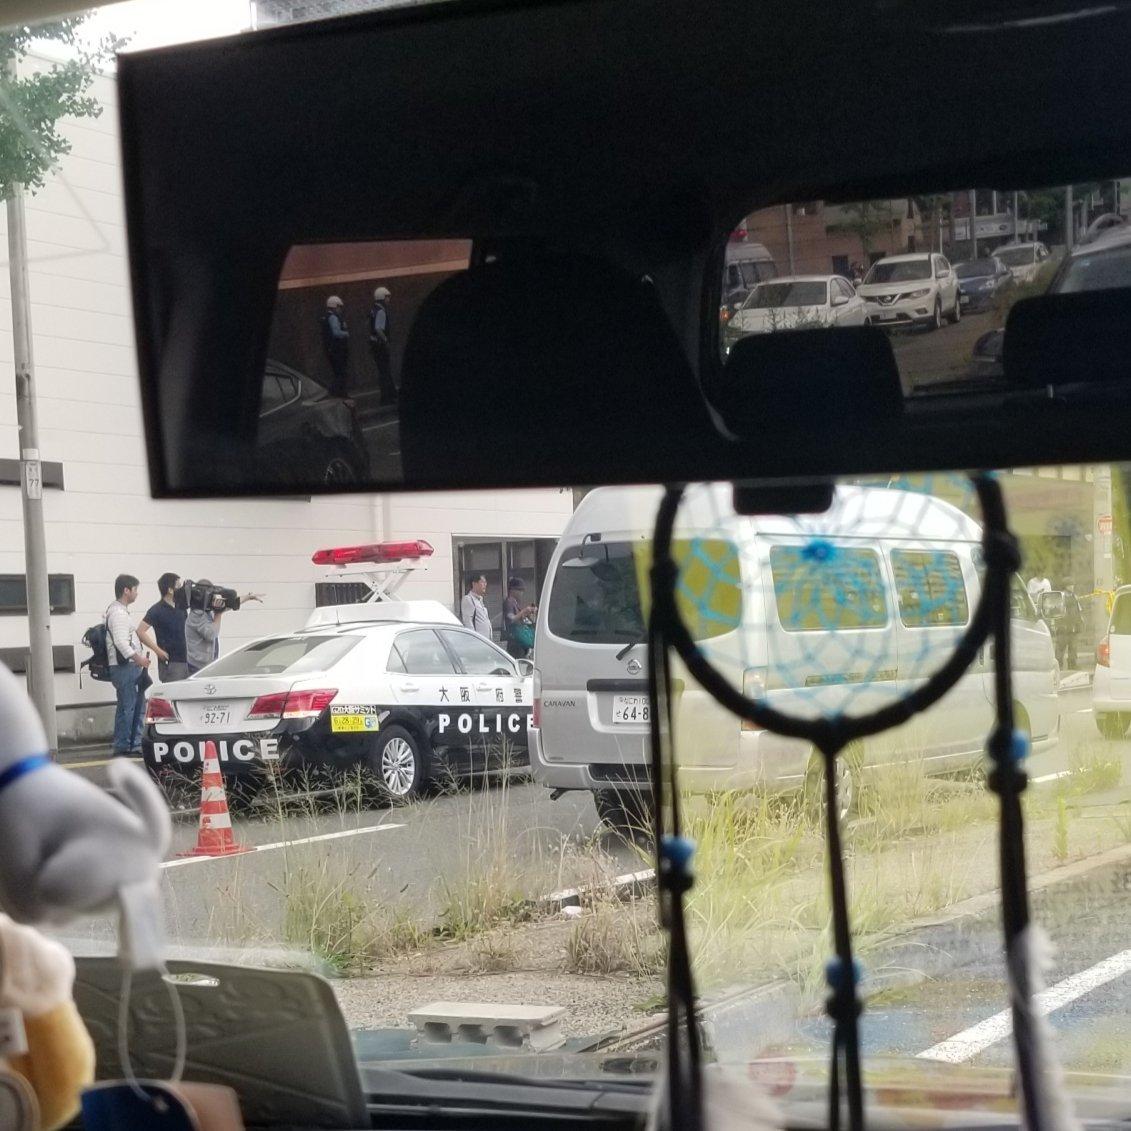 画像,吹田の拳銃強奪犯捕まった?新御堂筋パトカーだらけで写真の場所辺りから側道通行止め💧 https://t.co/aFGJRWGdj2…